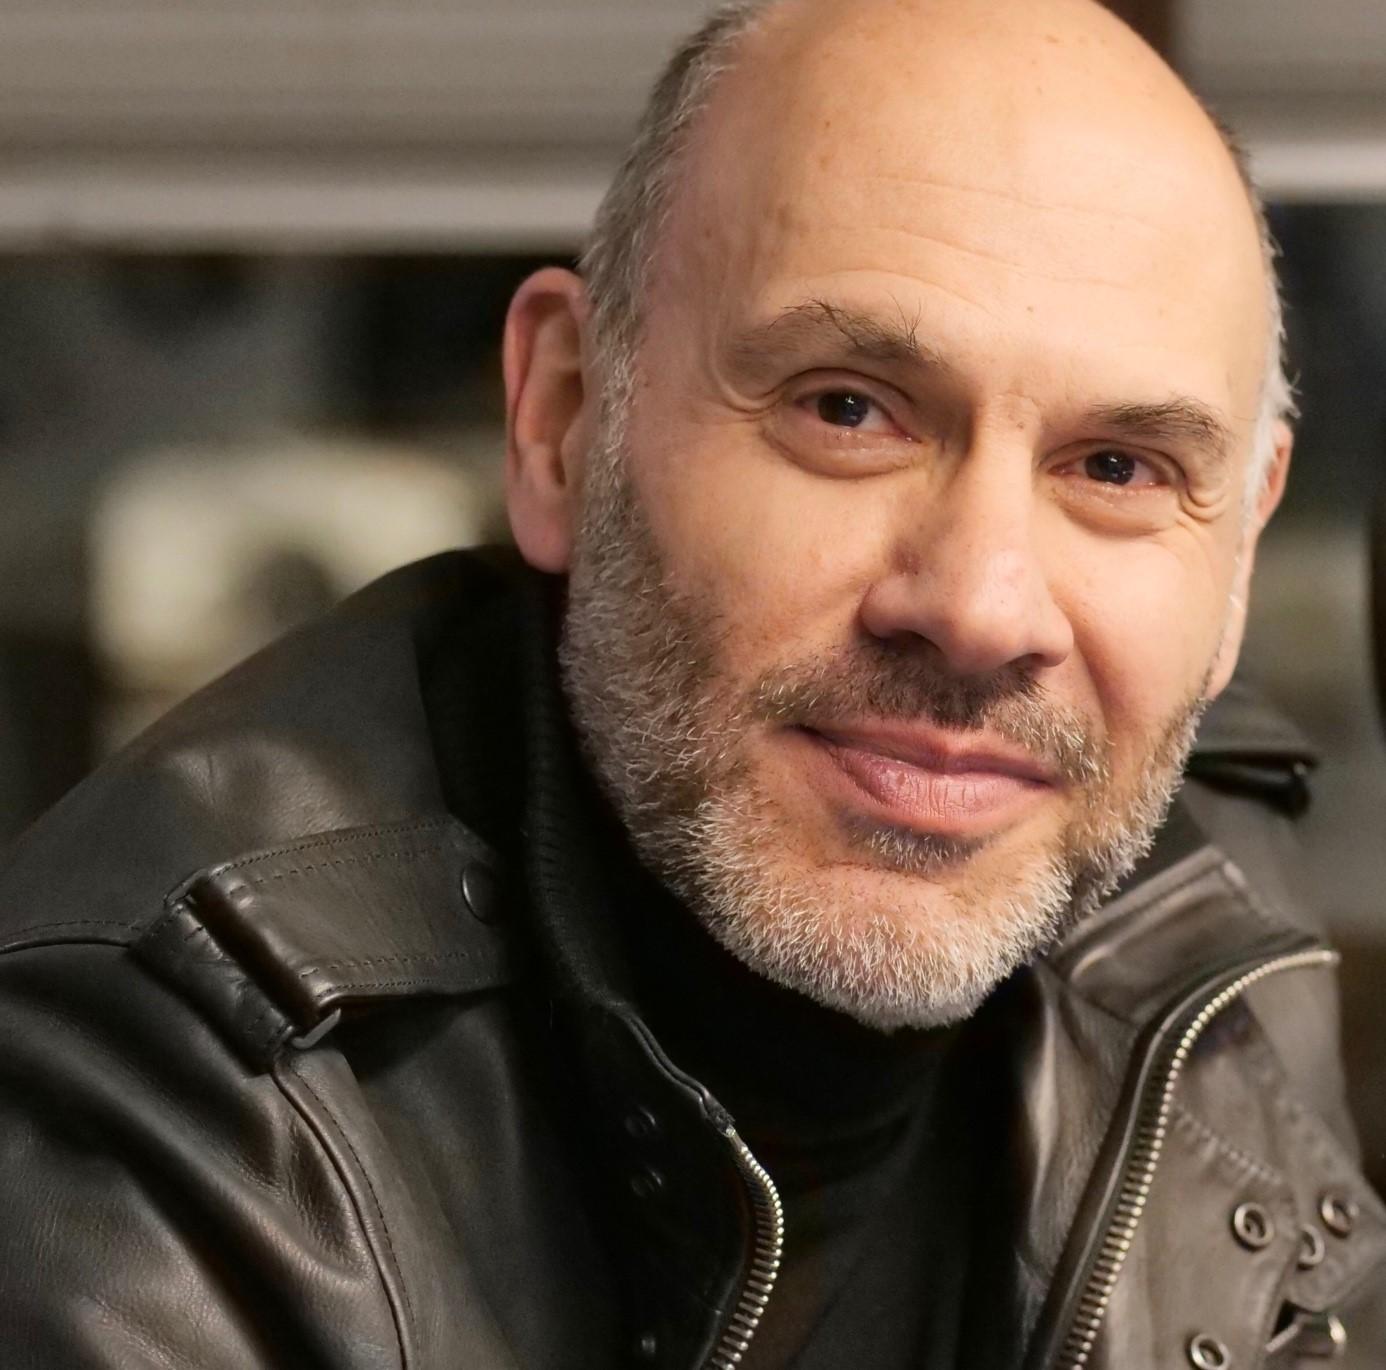 Dr. med. André T. Nemat